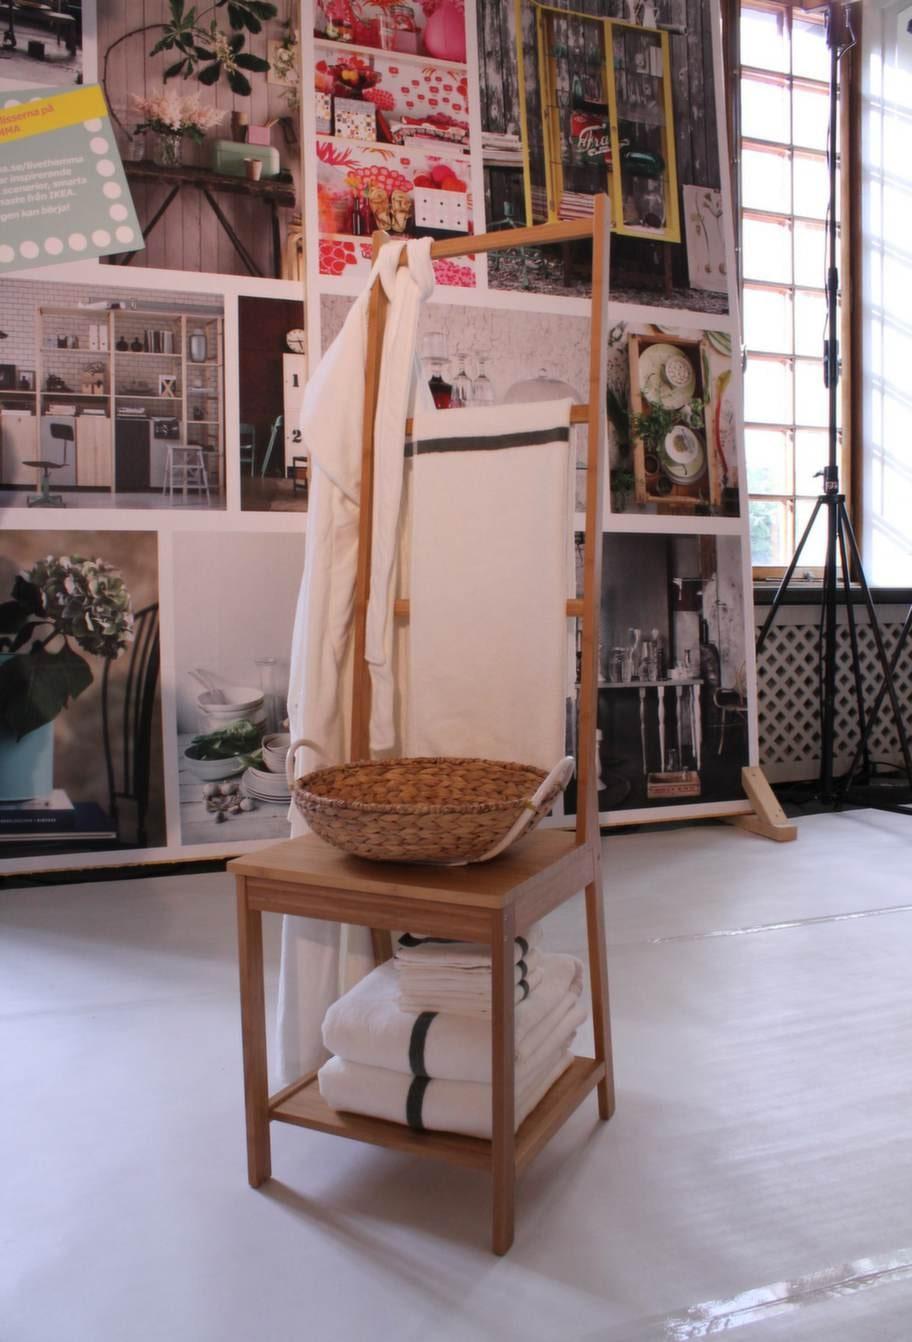 Susannes favorit!<br>Vackraste nyheten är stolen Rågrund som också är en handdukshängare. Av bambu. 399 kronor.